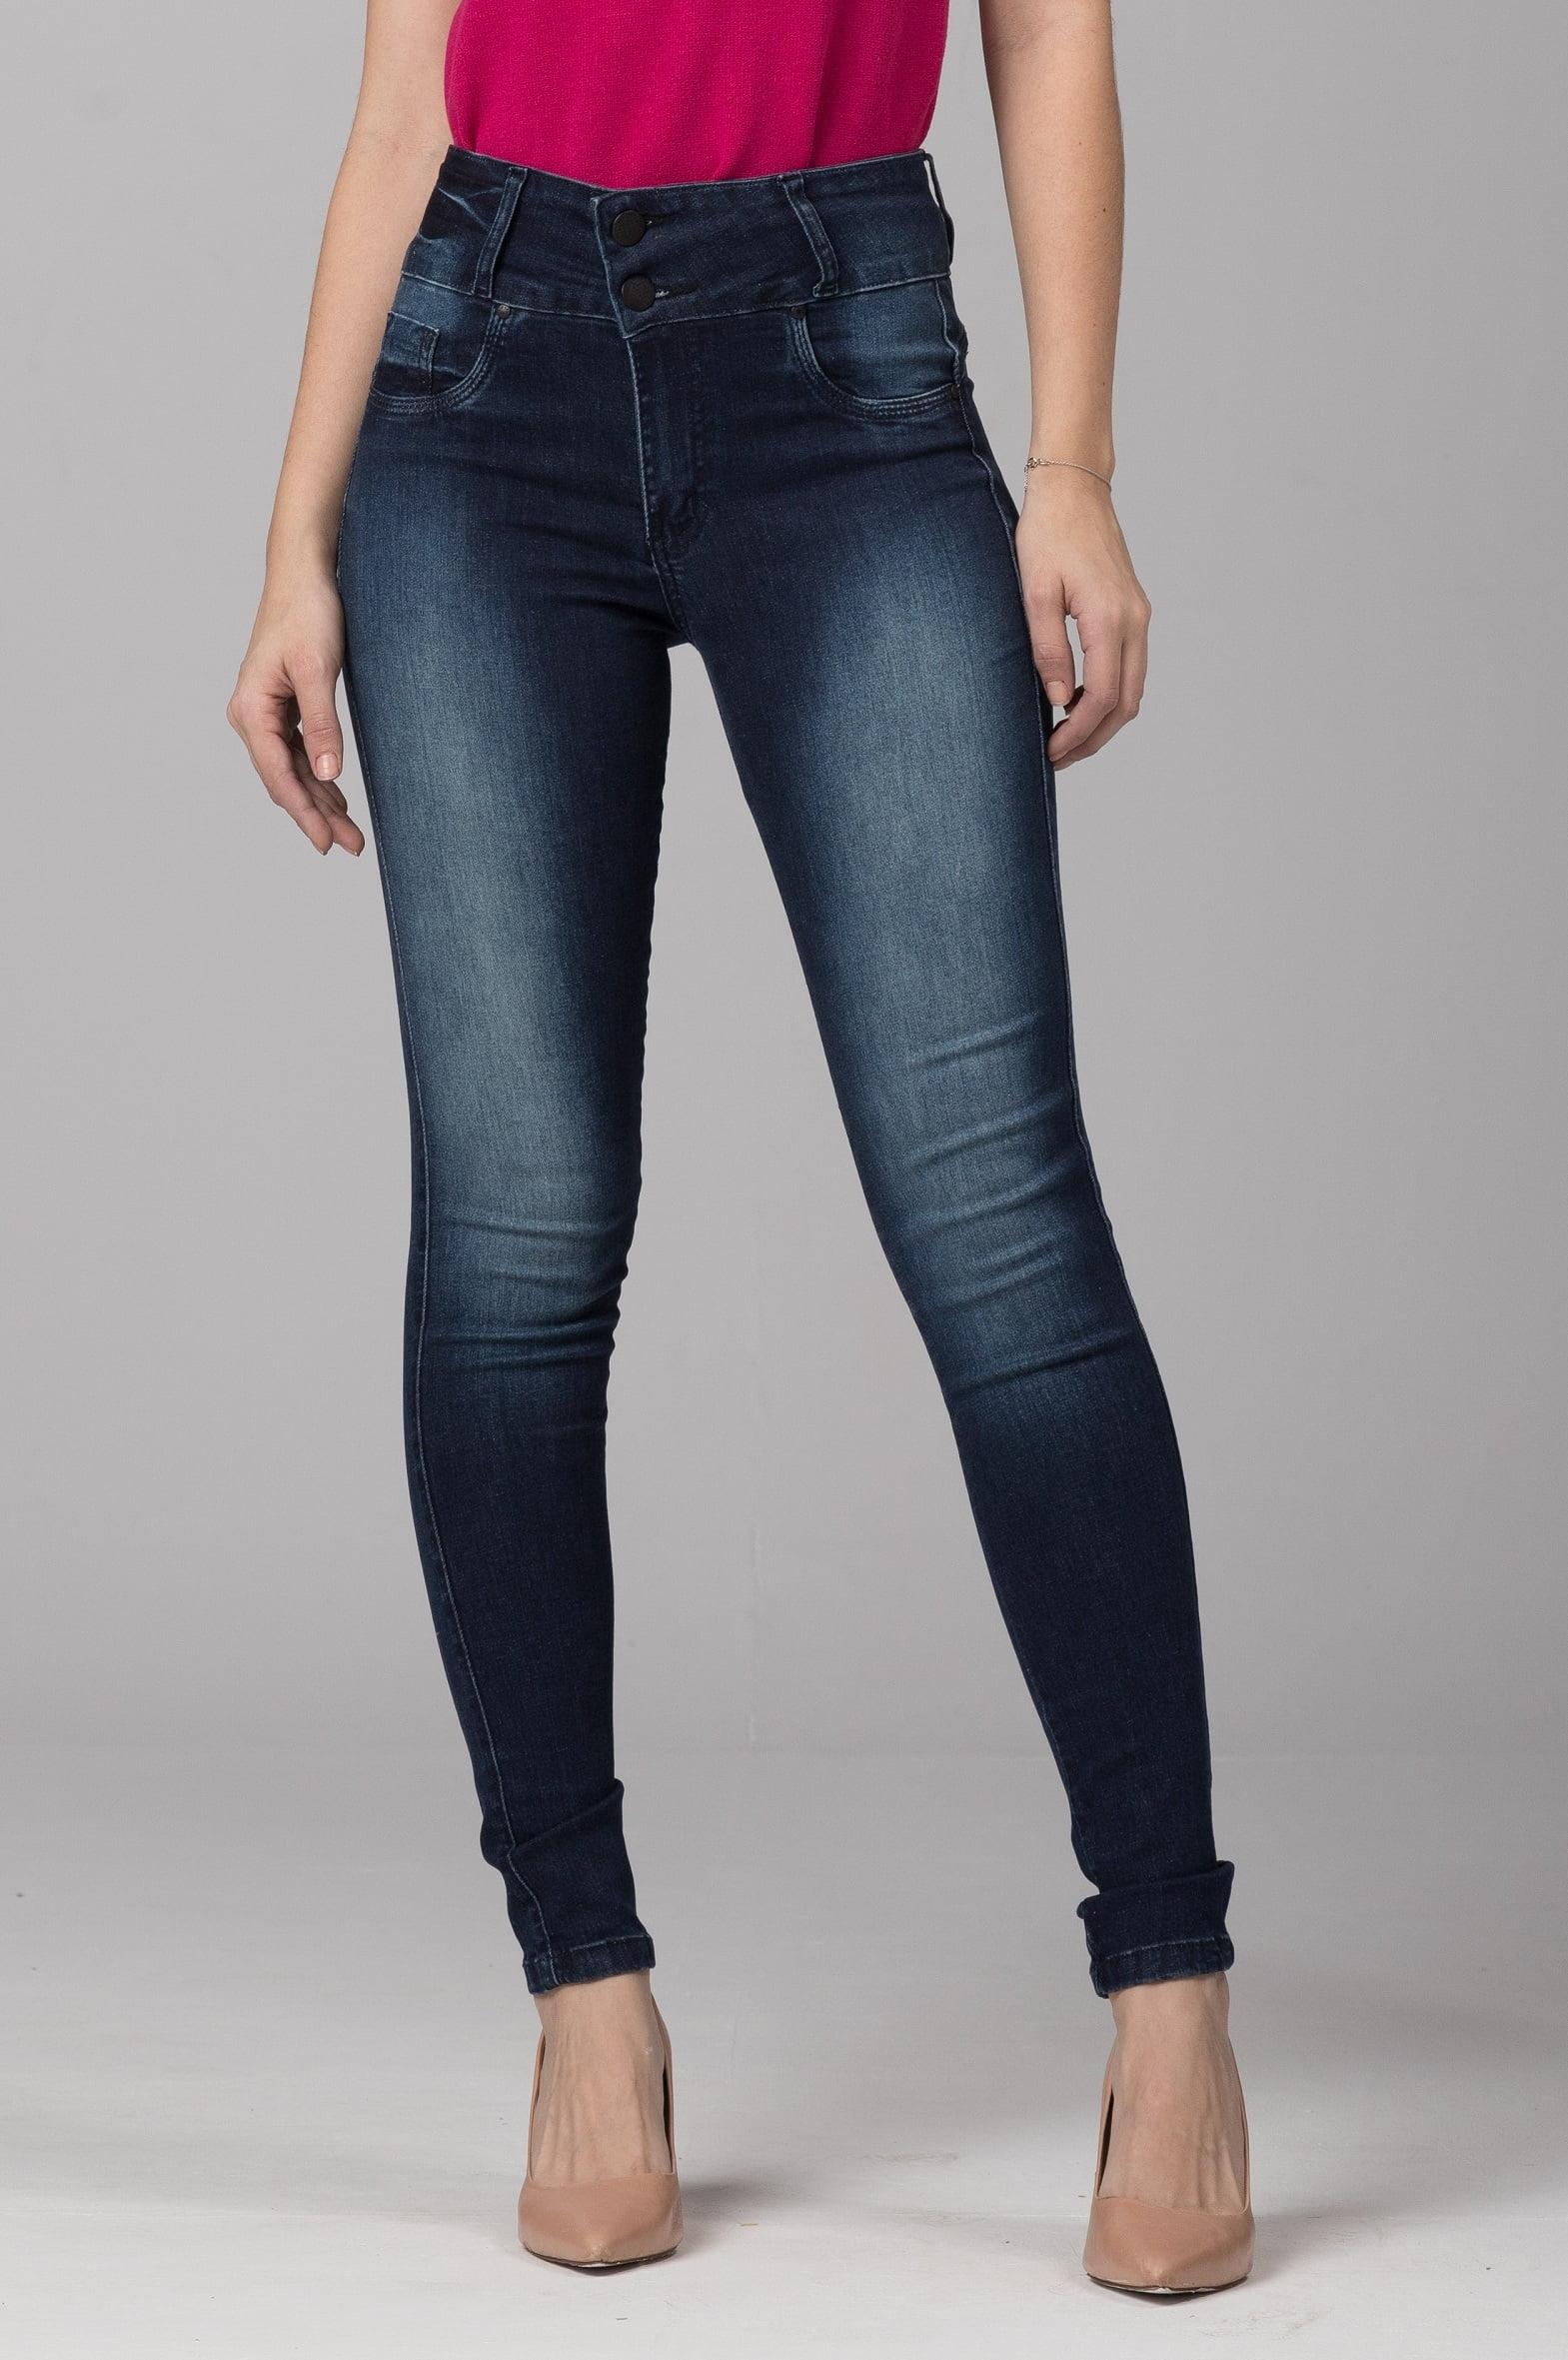 Calça Jeans Levanta Bumbum F2021608